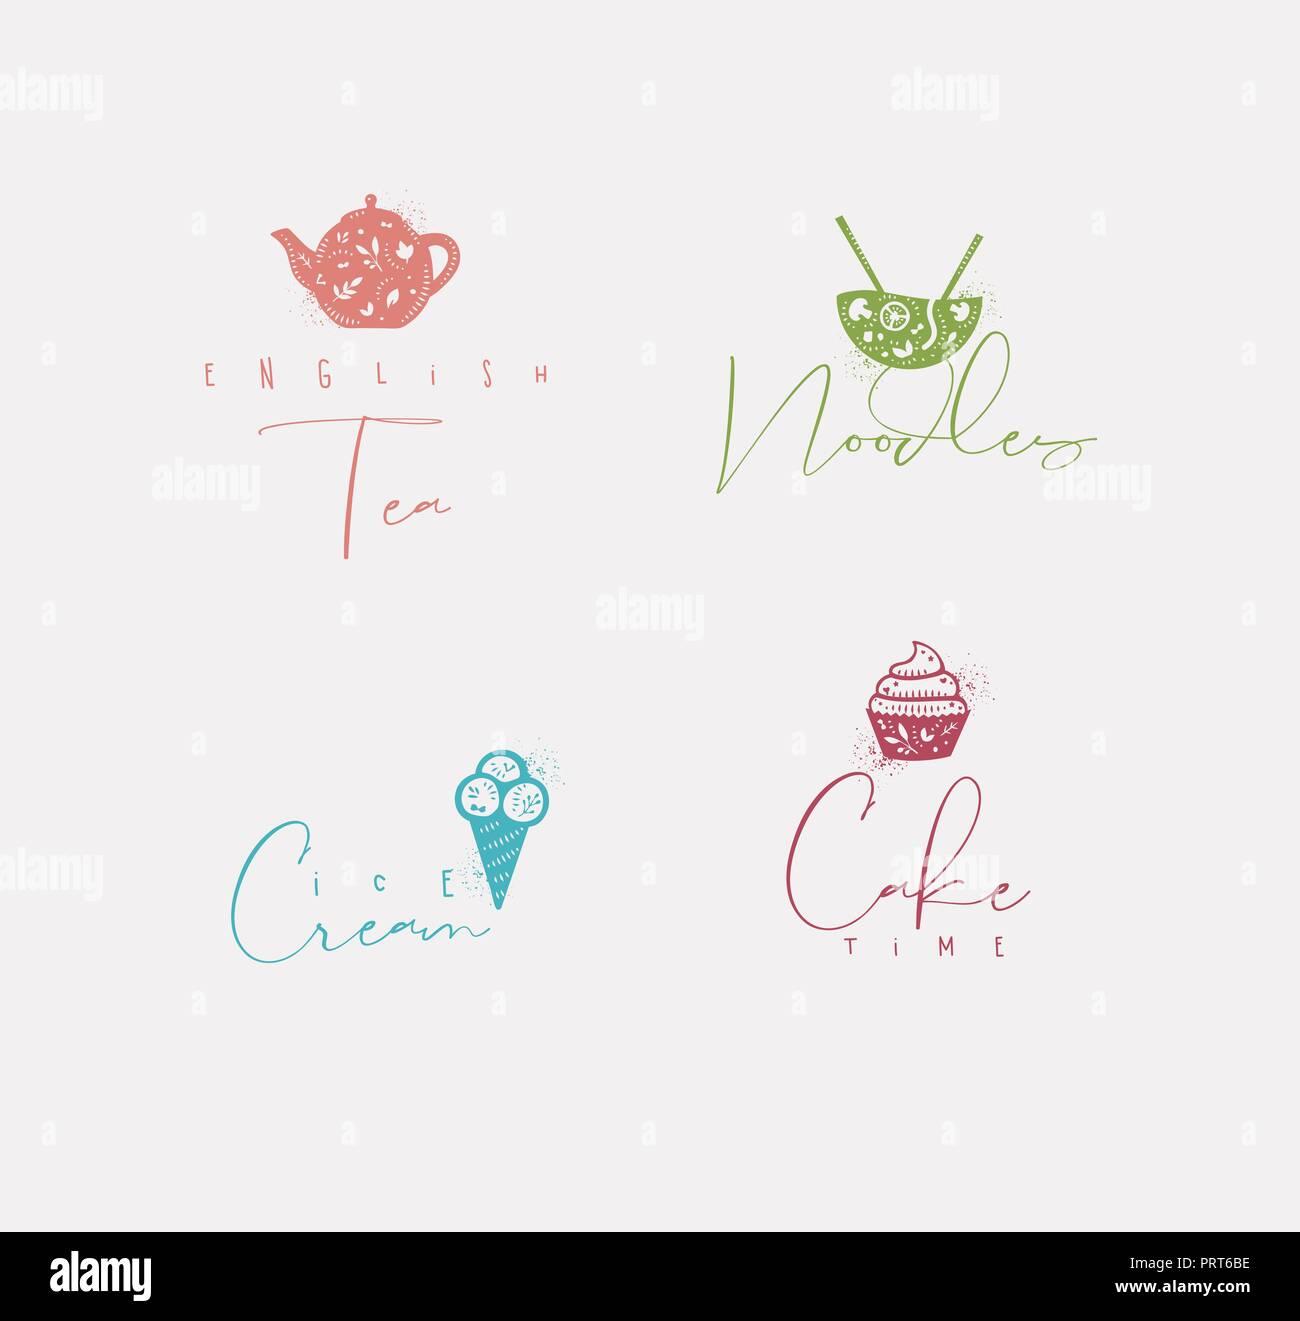 Essen Zeichen Schriftzuge Englischen Tee Nudeln Eis Kuchen Zeit